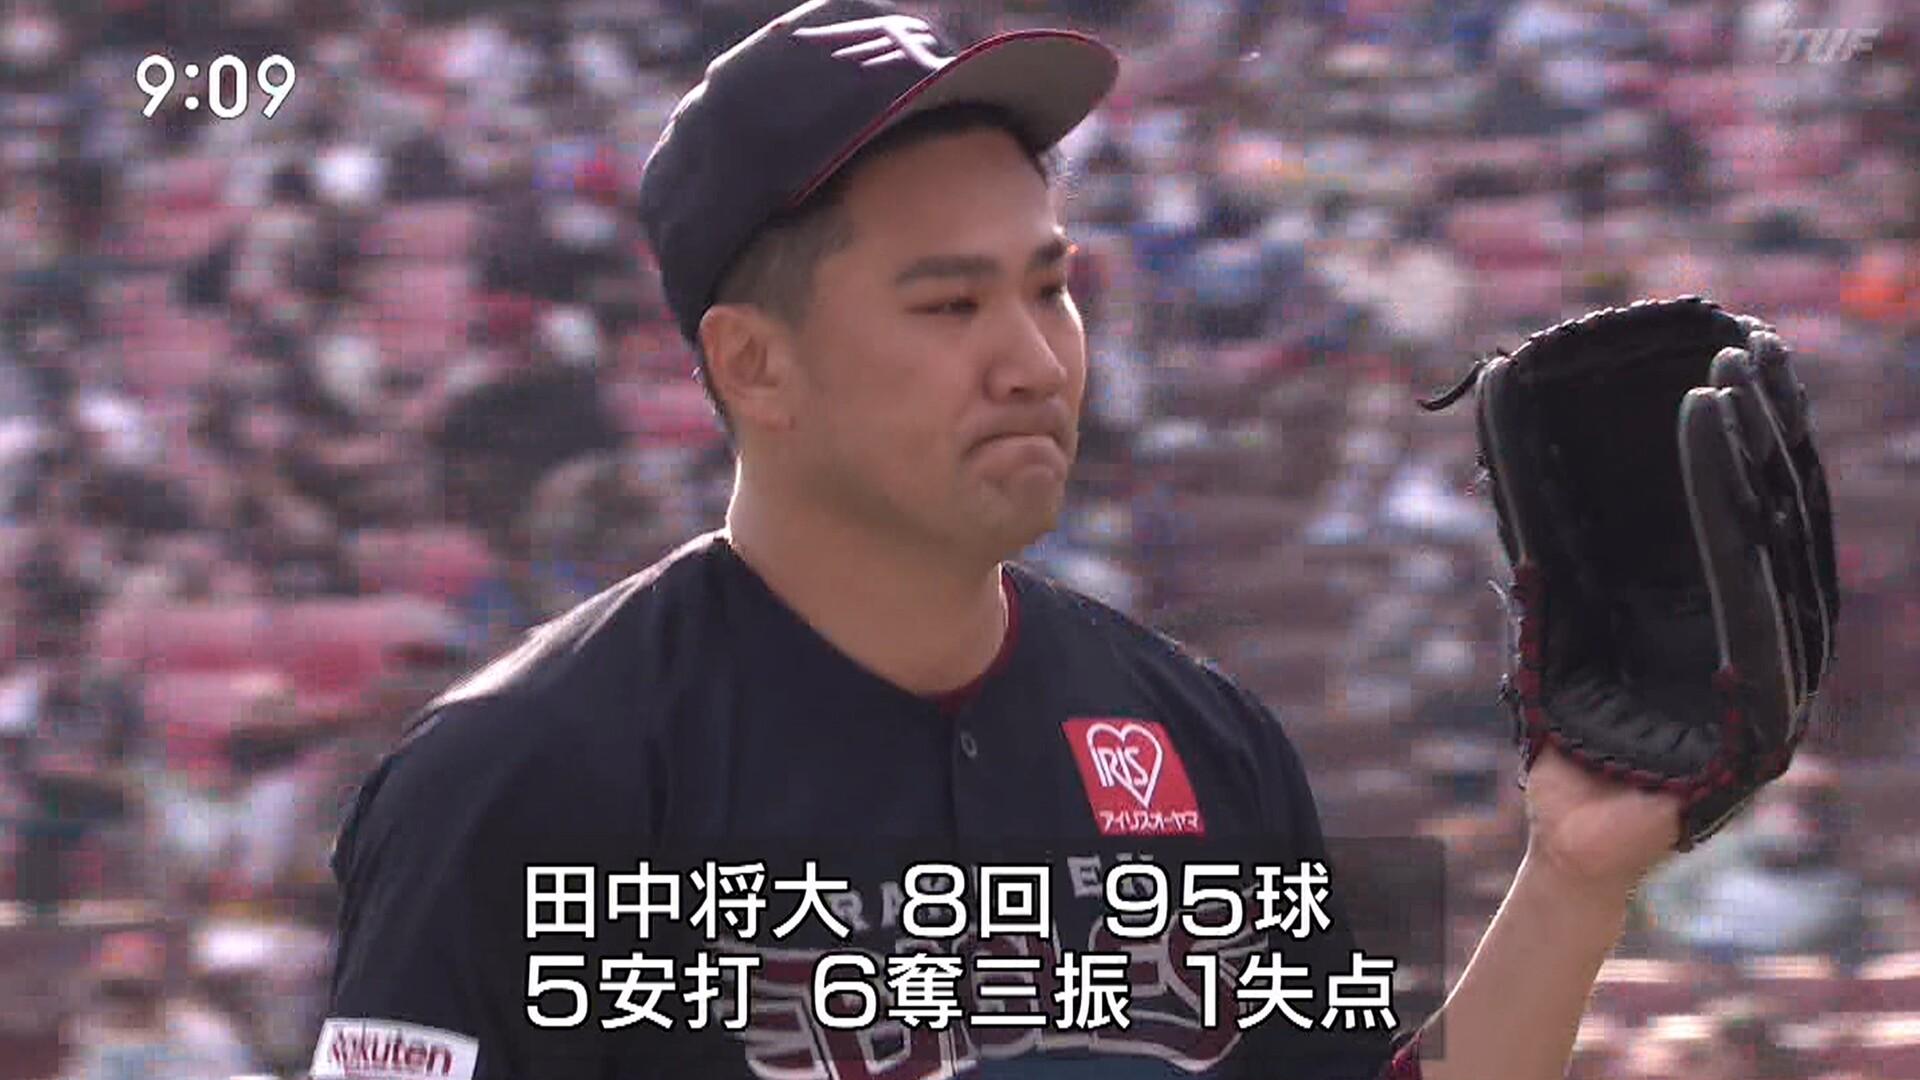 【悲報】 田中将大さん、なぜか勝てない投手になる